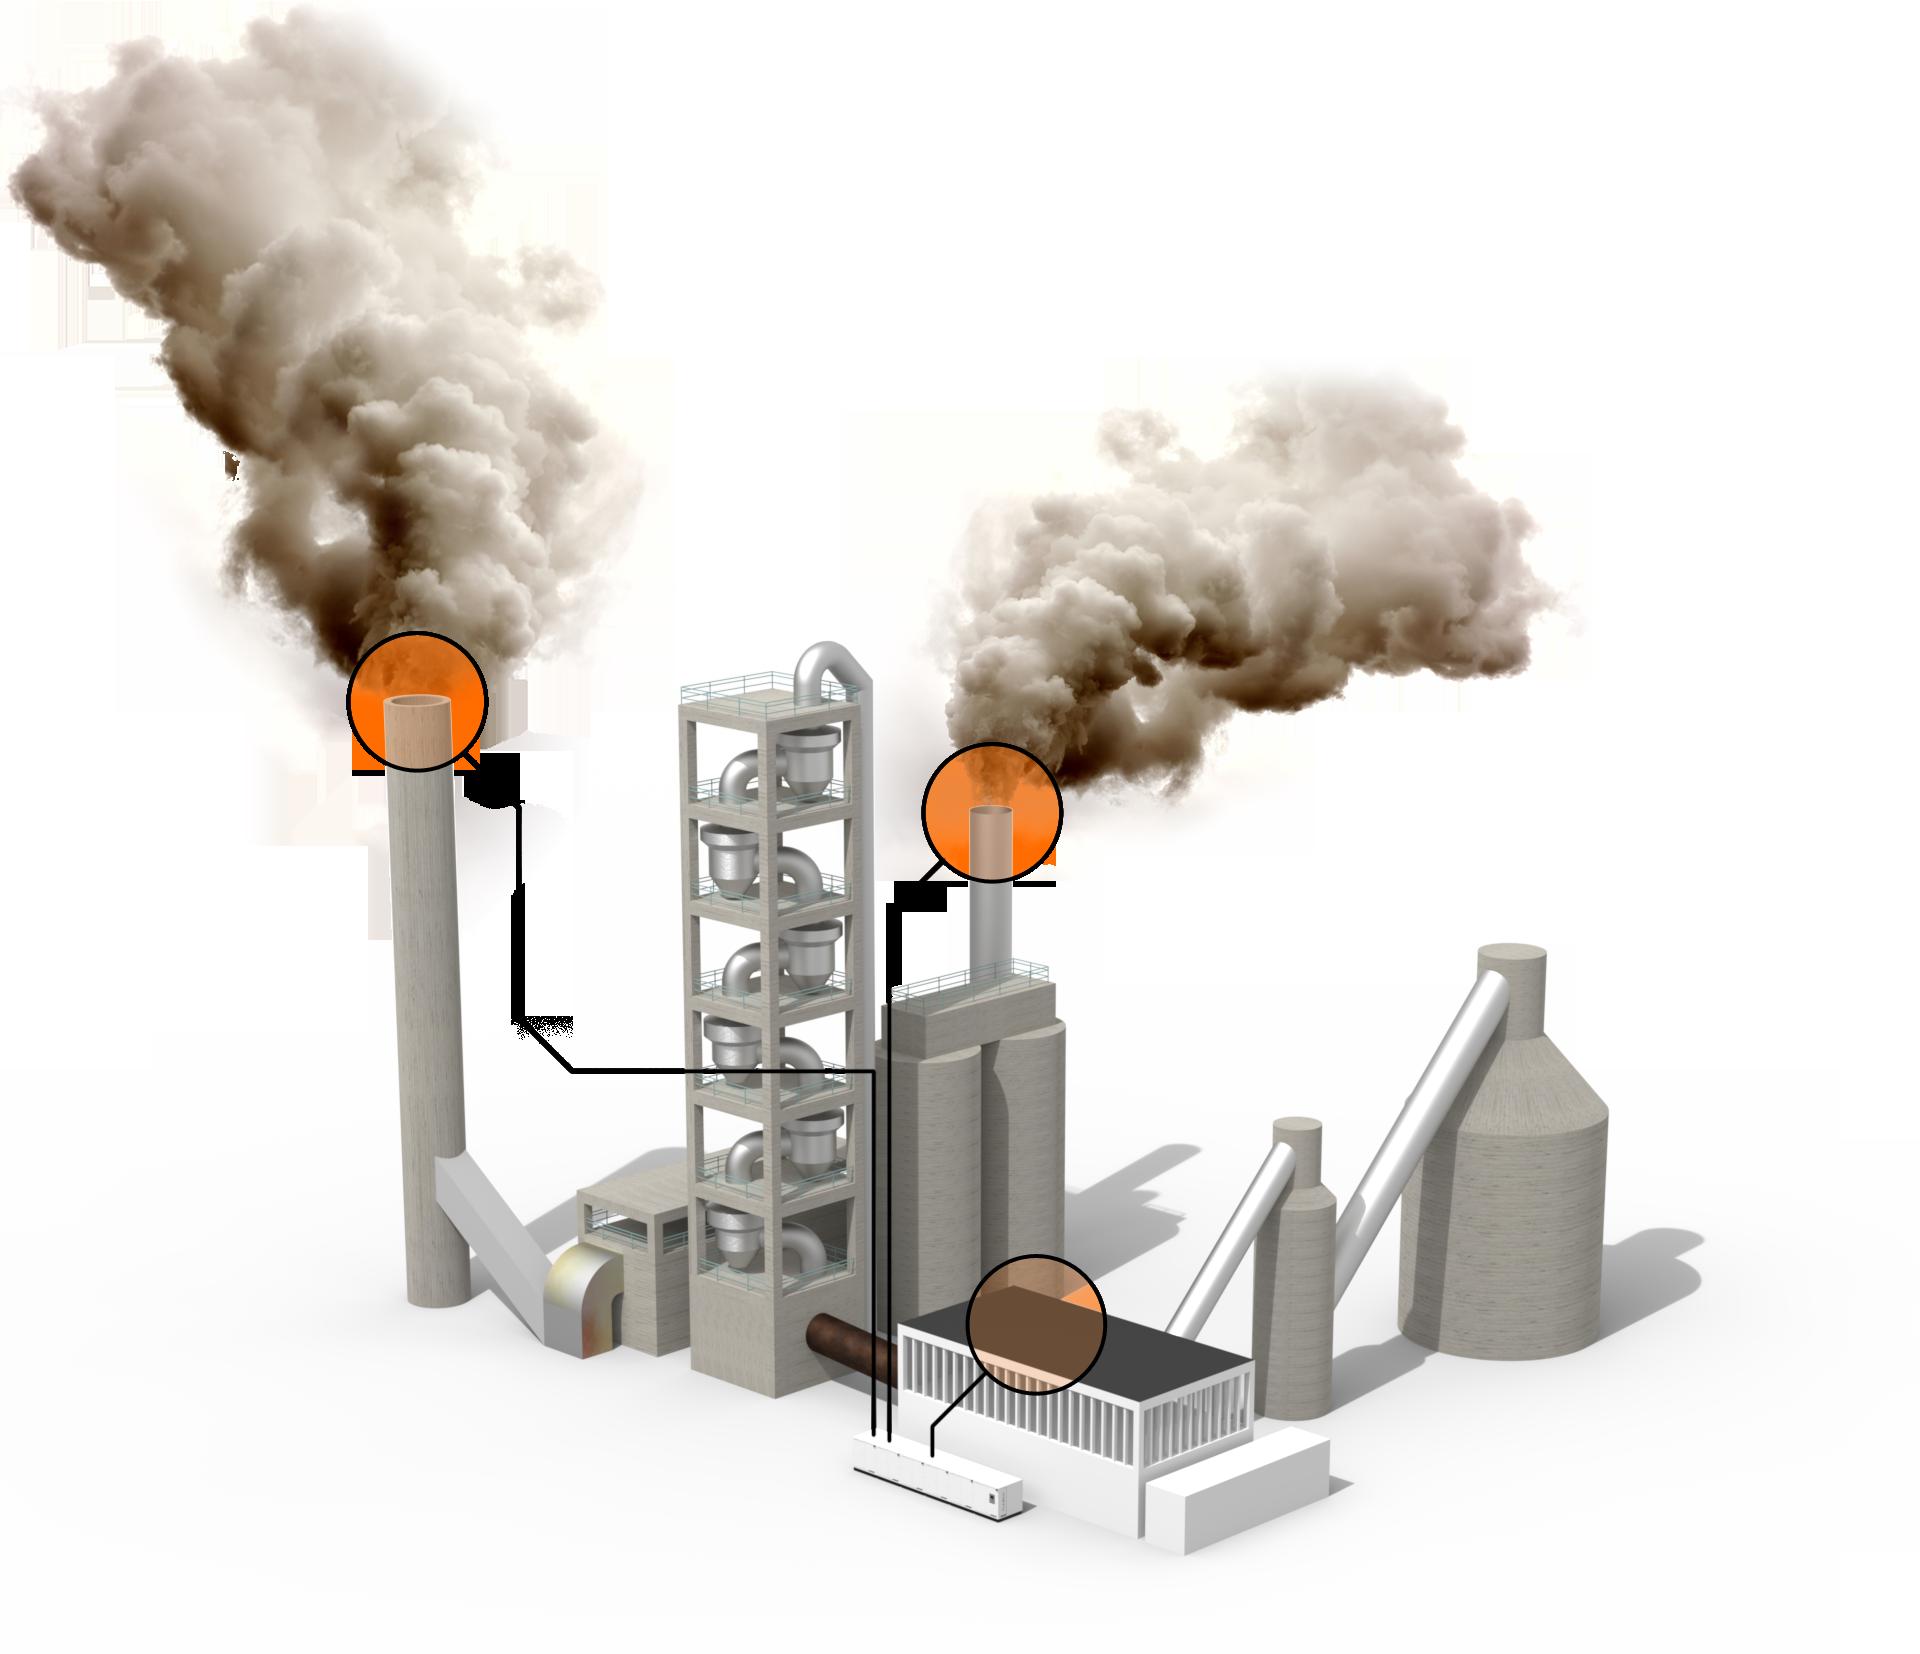 bk-cement-plant-2-1 9-frilagd-utan-text